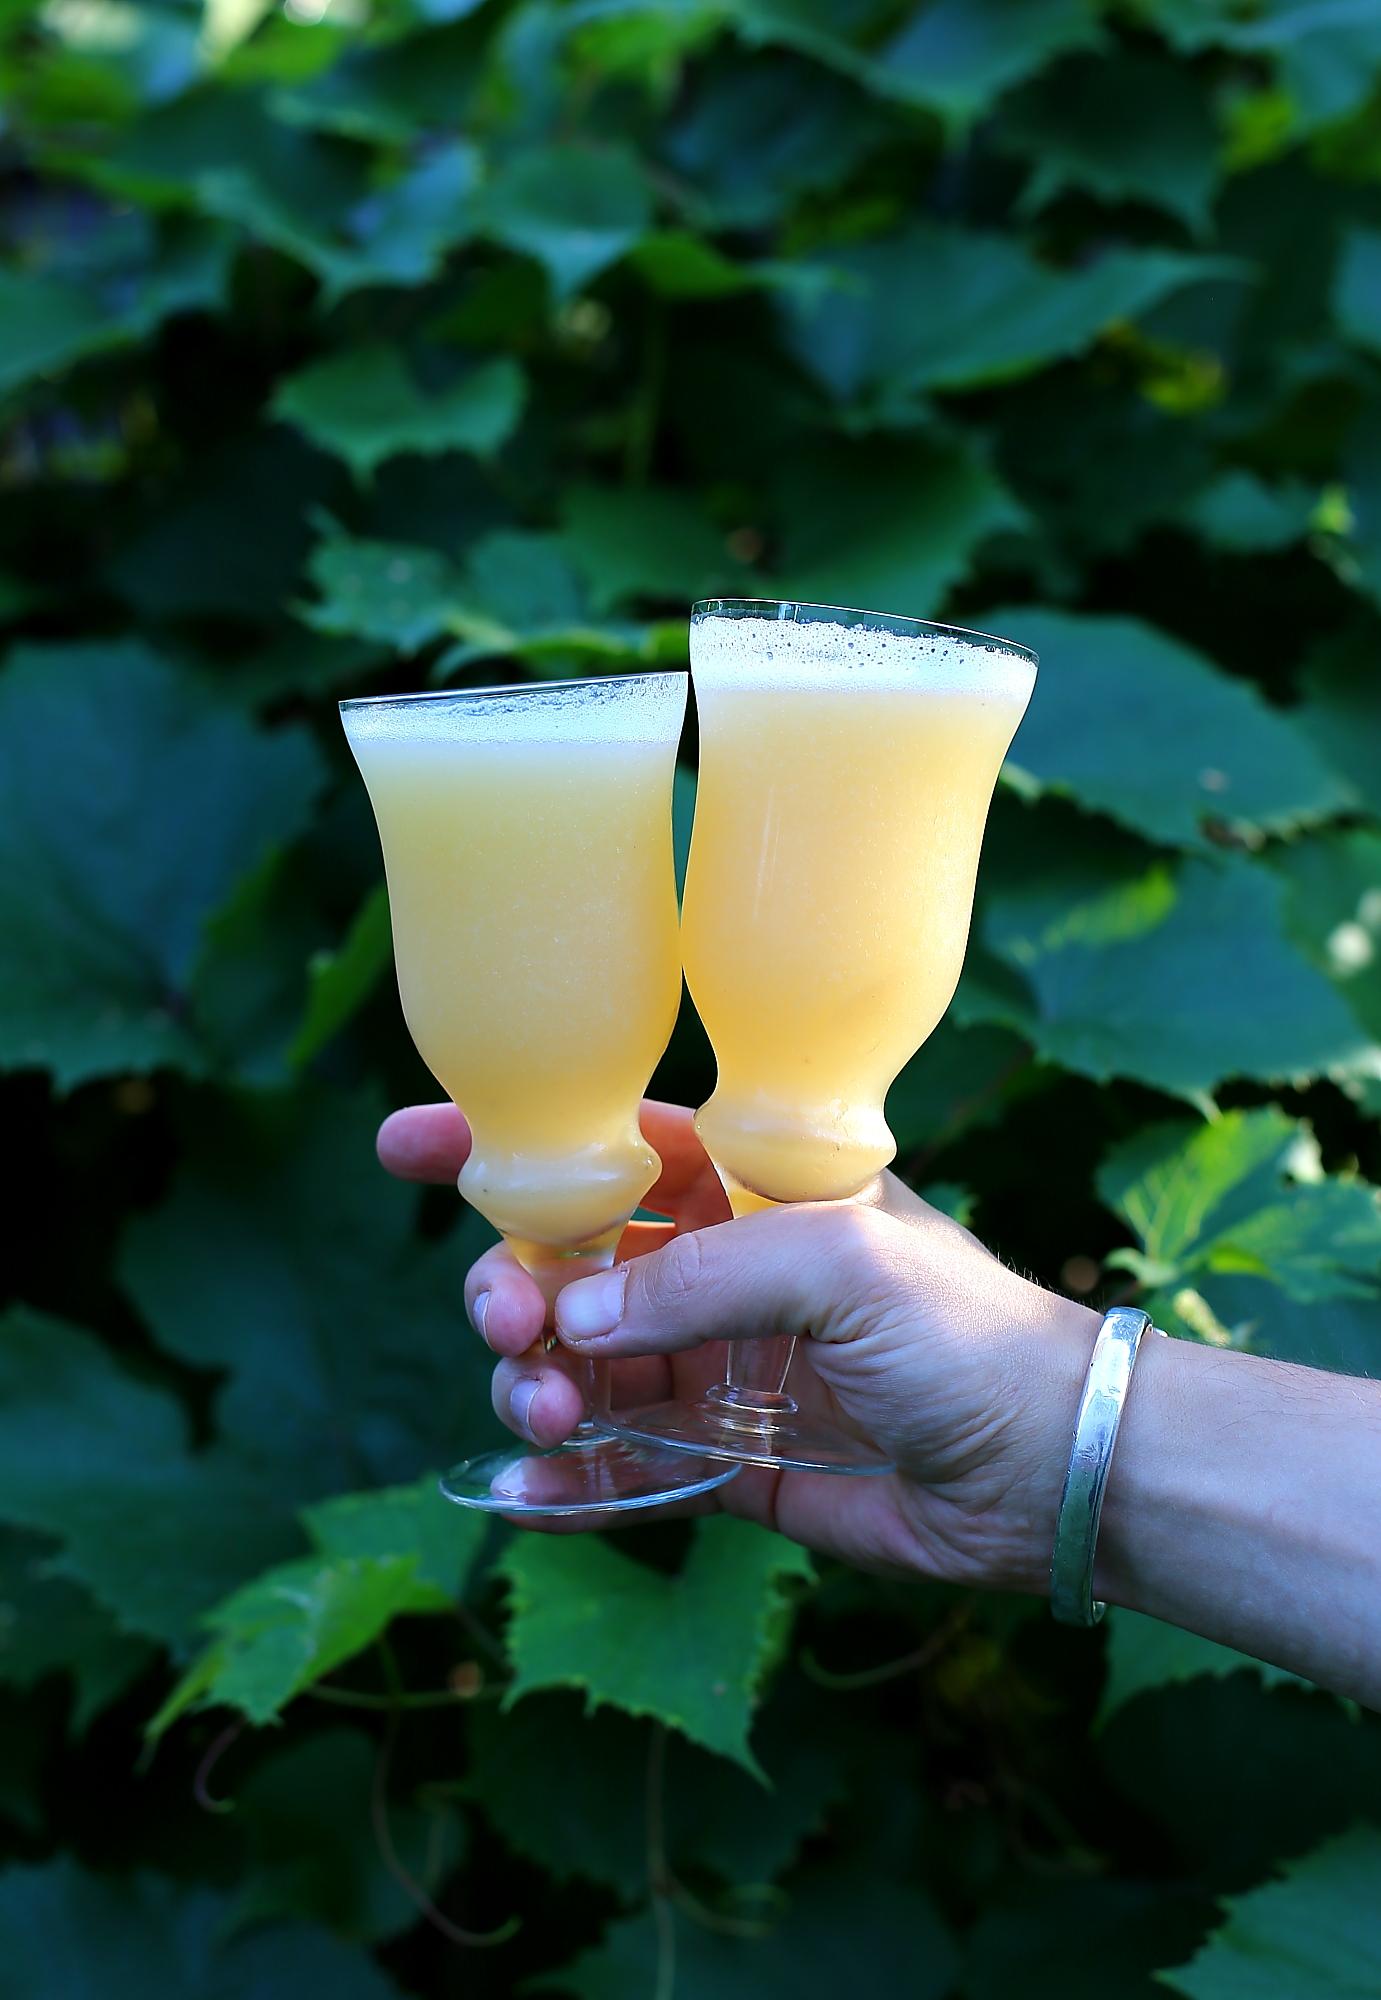 Bellini - klasyczny drink z prosecco i białych brzoskwiń